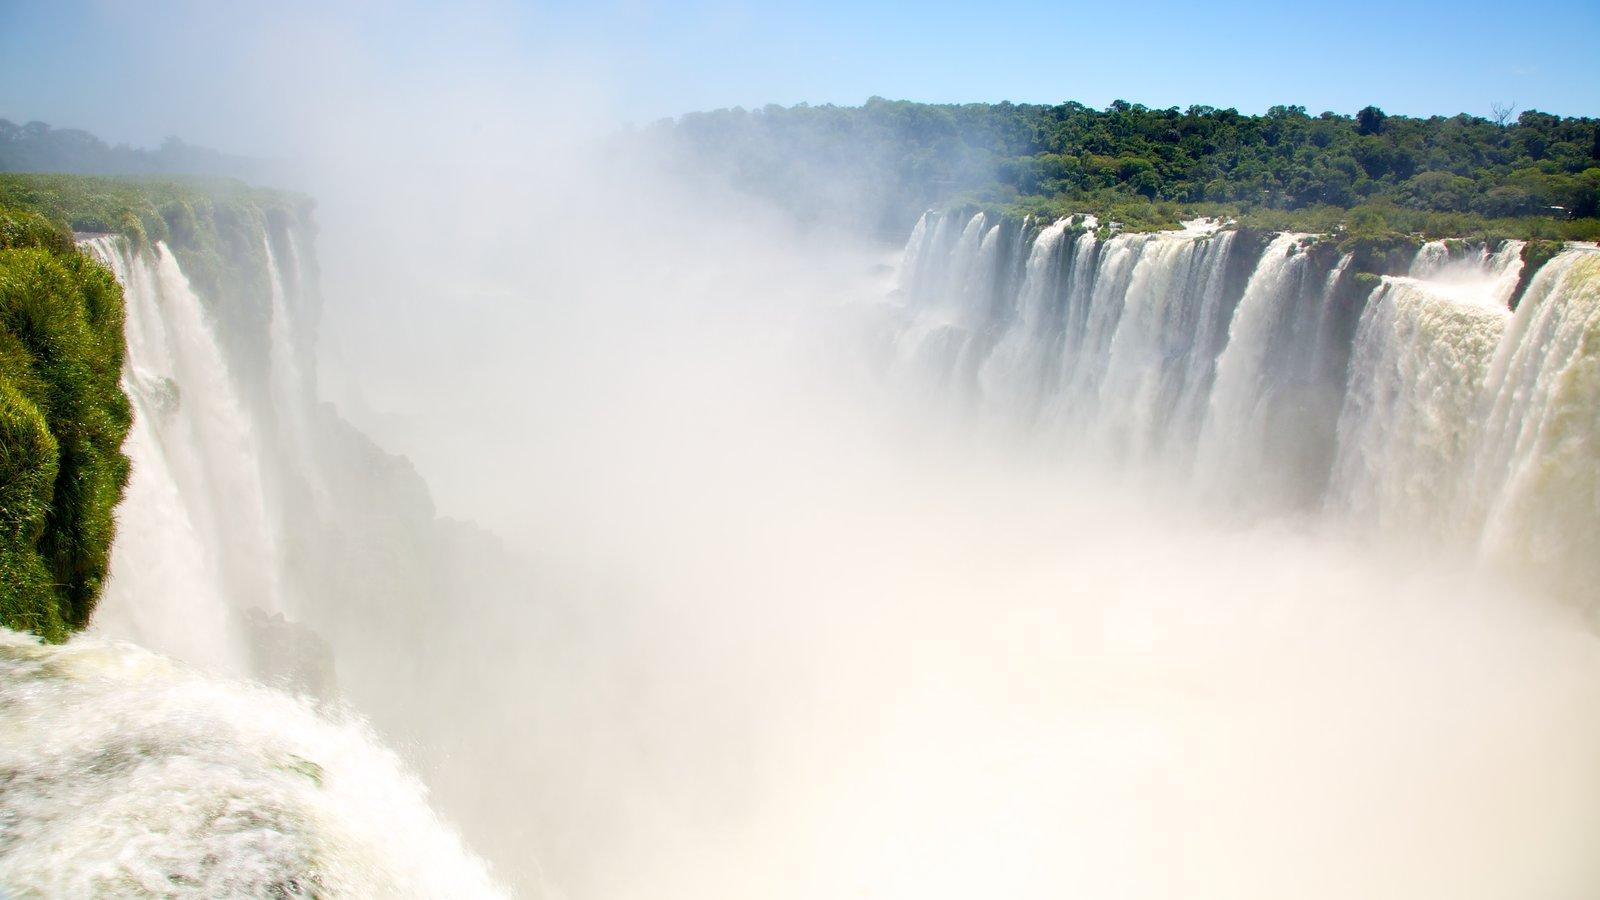 Garganta do Diabo caracterizando neblina, paisagem e uma cascata